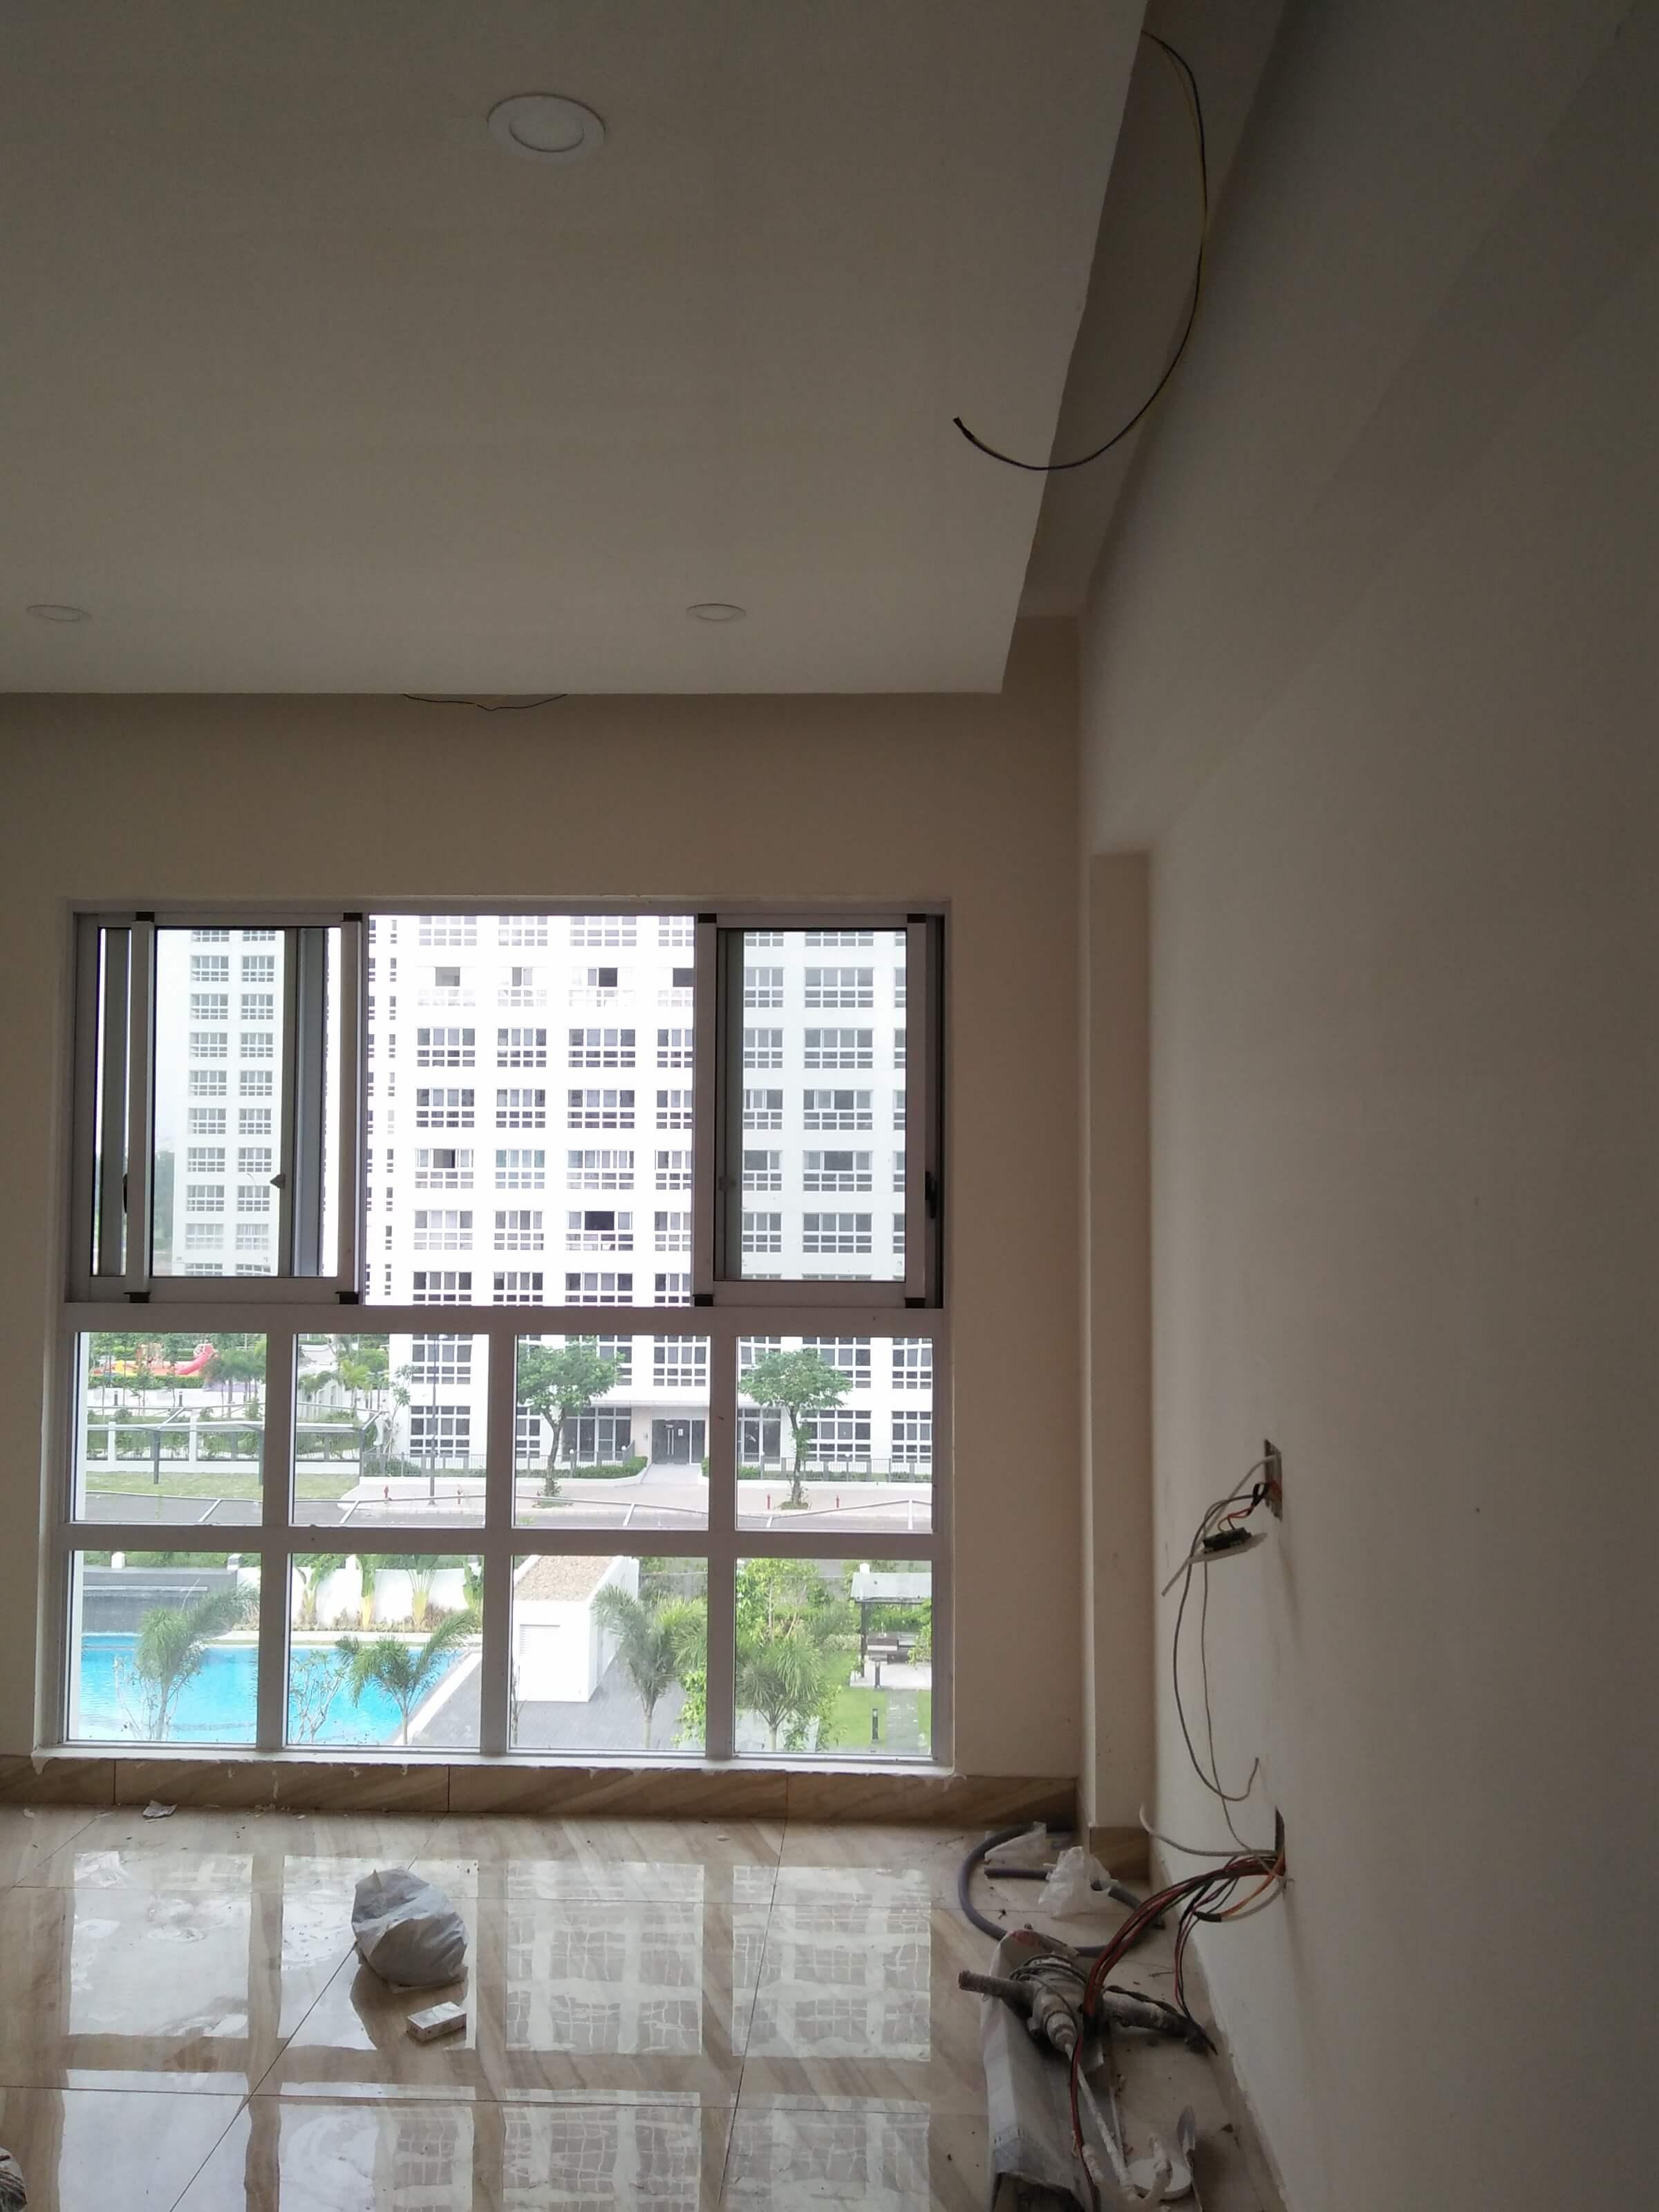 thi công căn hộ View nhìn hấp dẫn